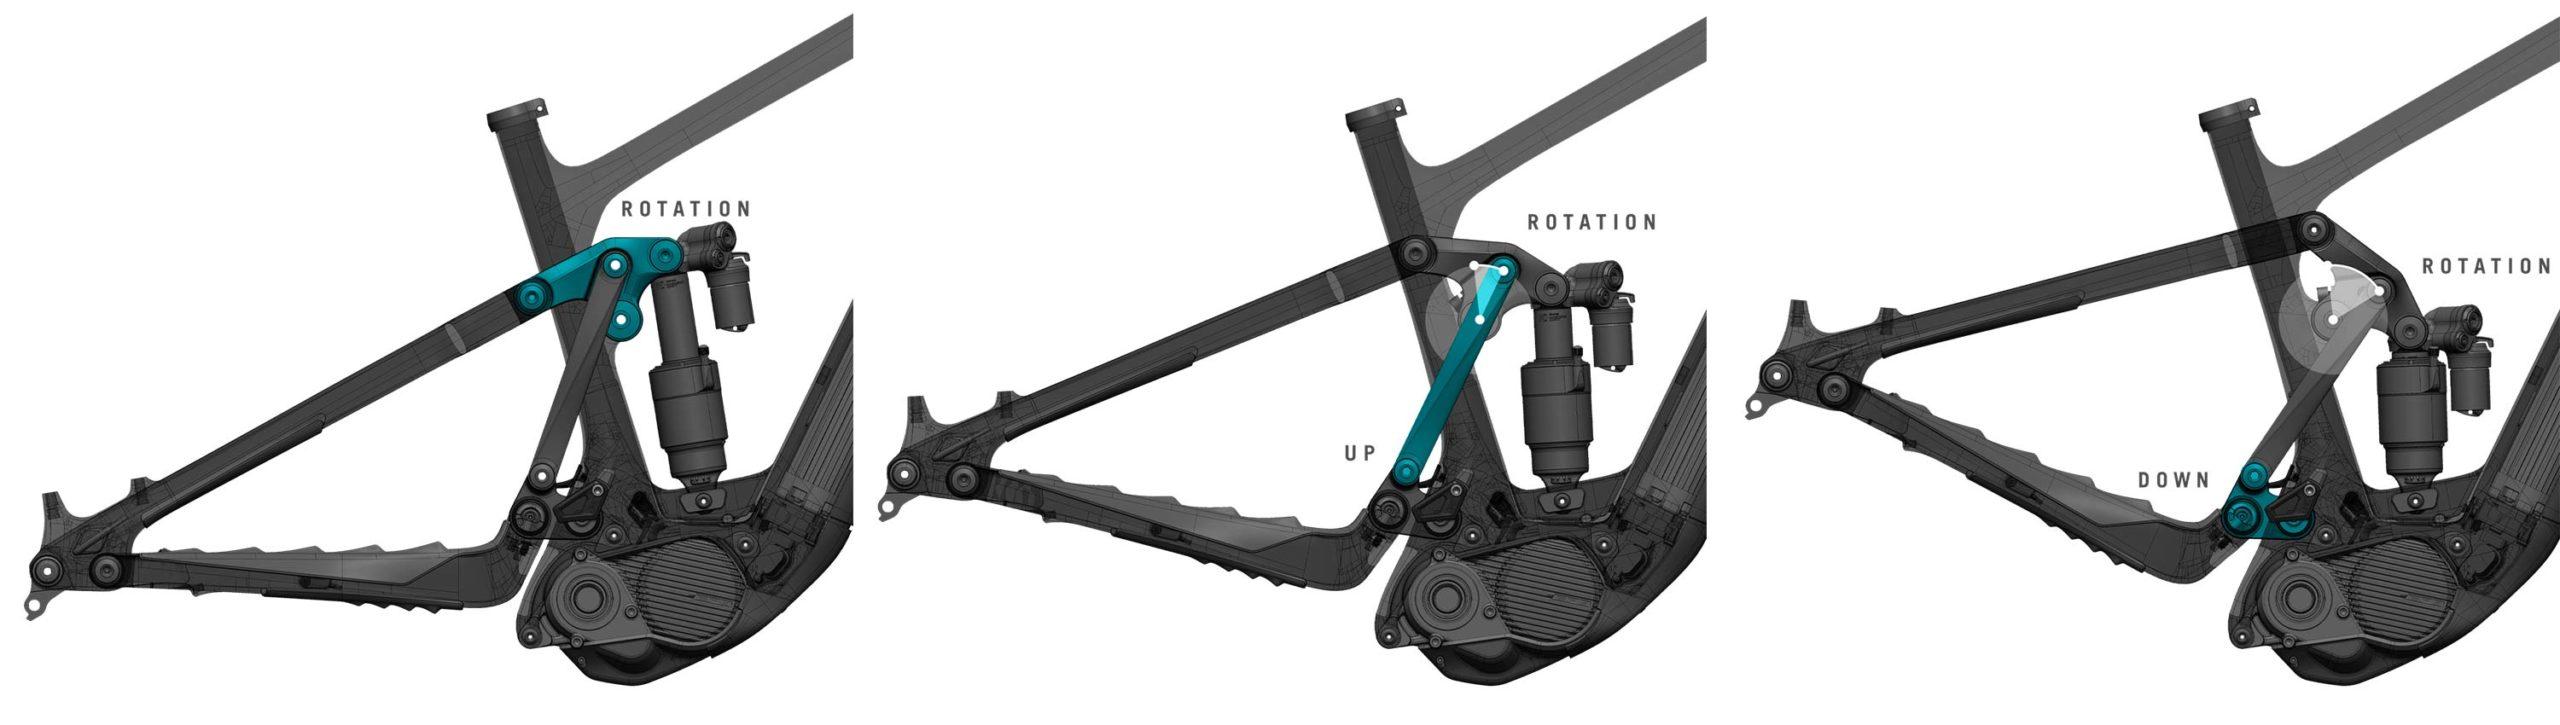 Yeti 160E EWS racing e-bike, all-new 6-bar suspension carbon 160mm eMTB,Sixfinity suspension